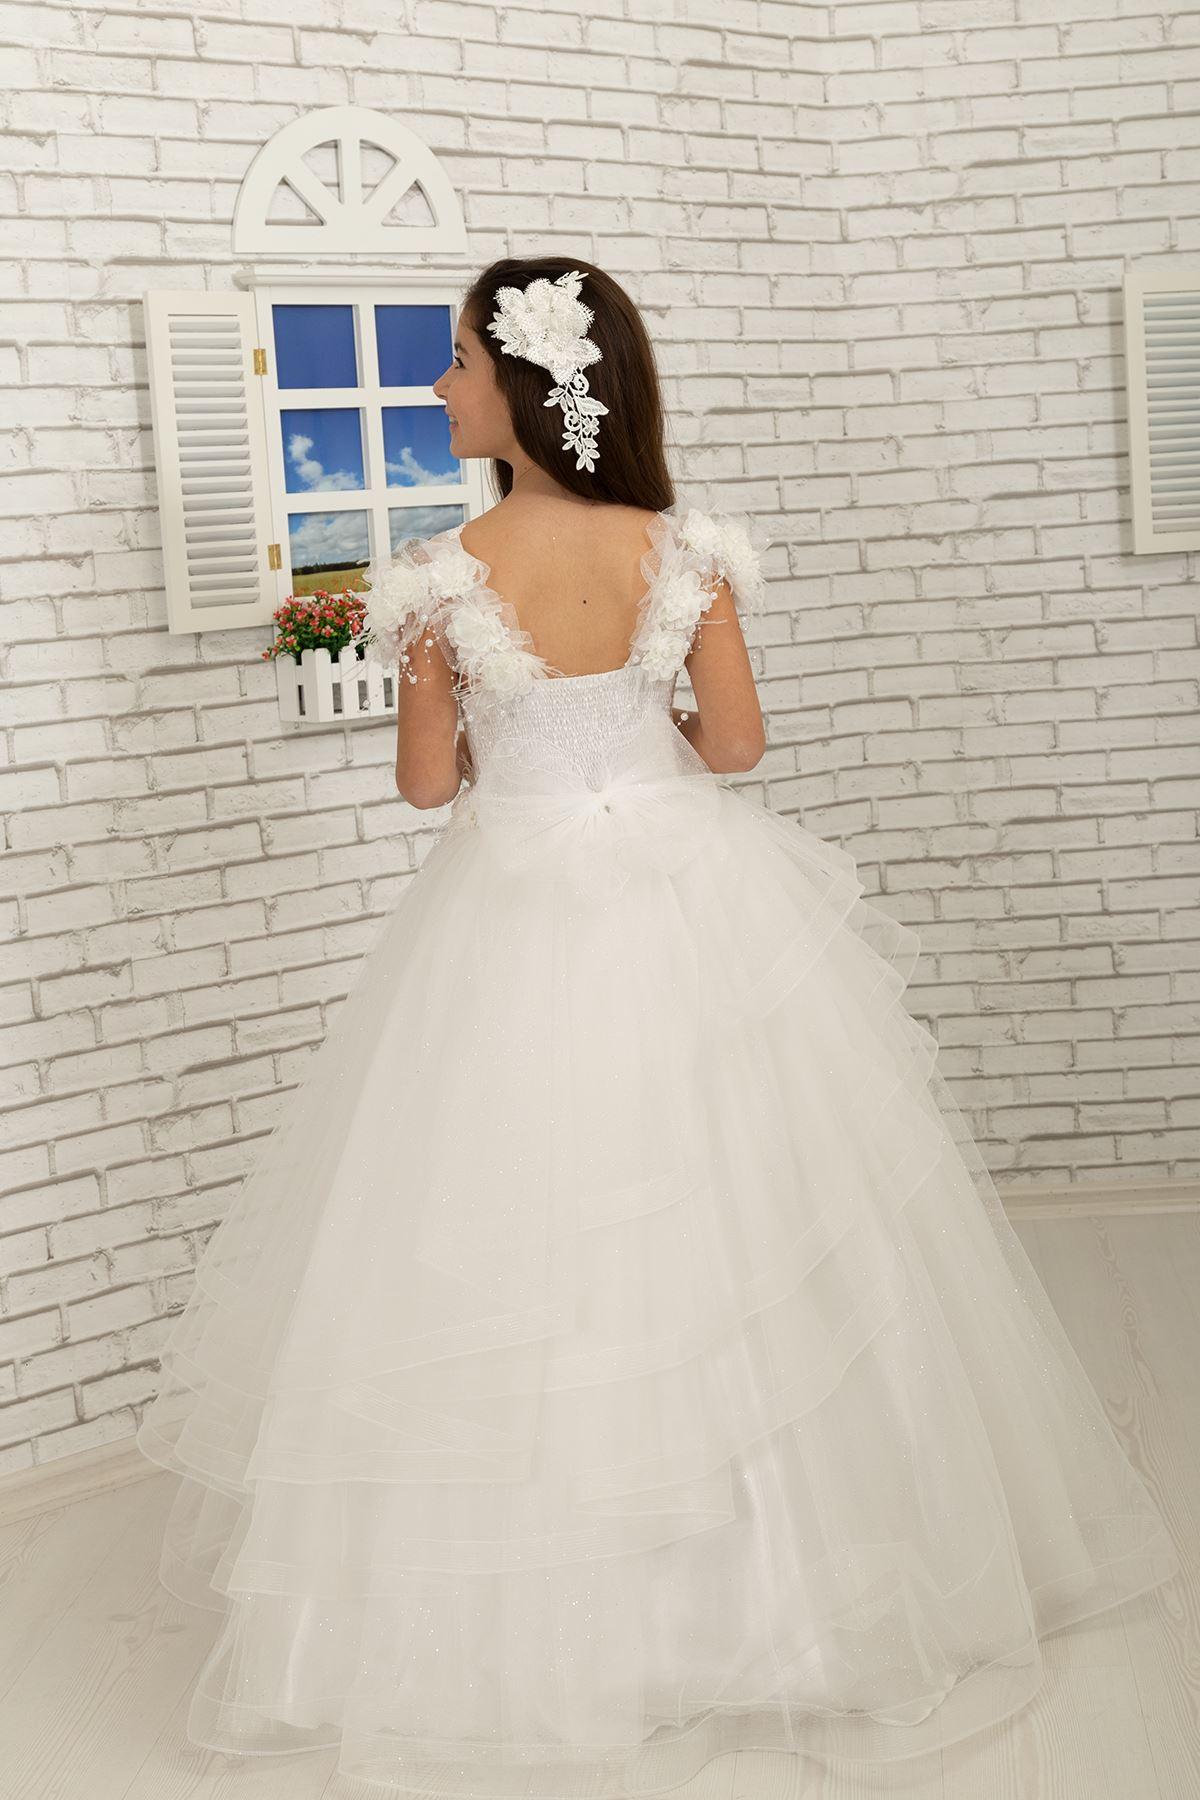 Специален сребърен тюл с детайли от пера на рамото, пухкава вечерна рокля на момиче 633 крем